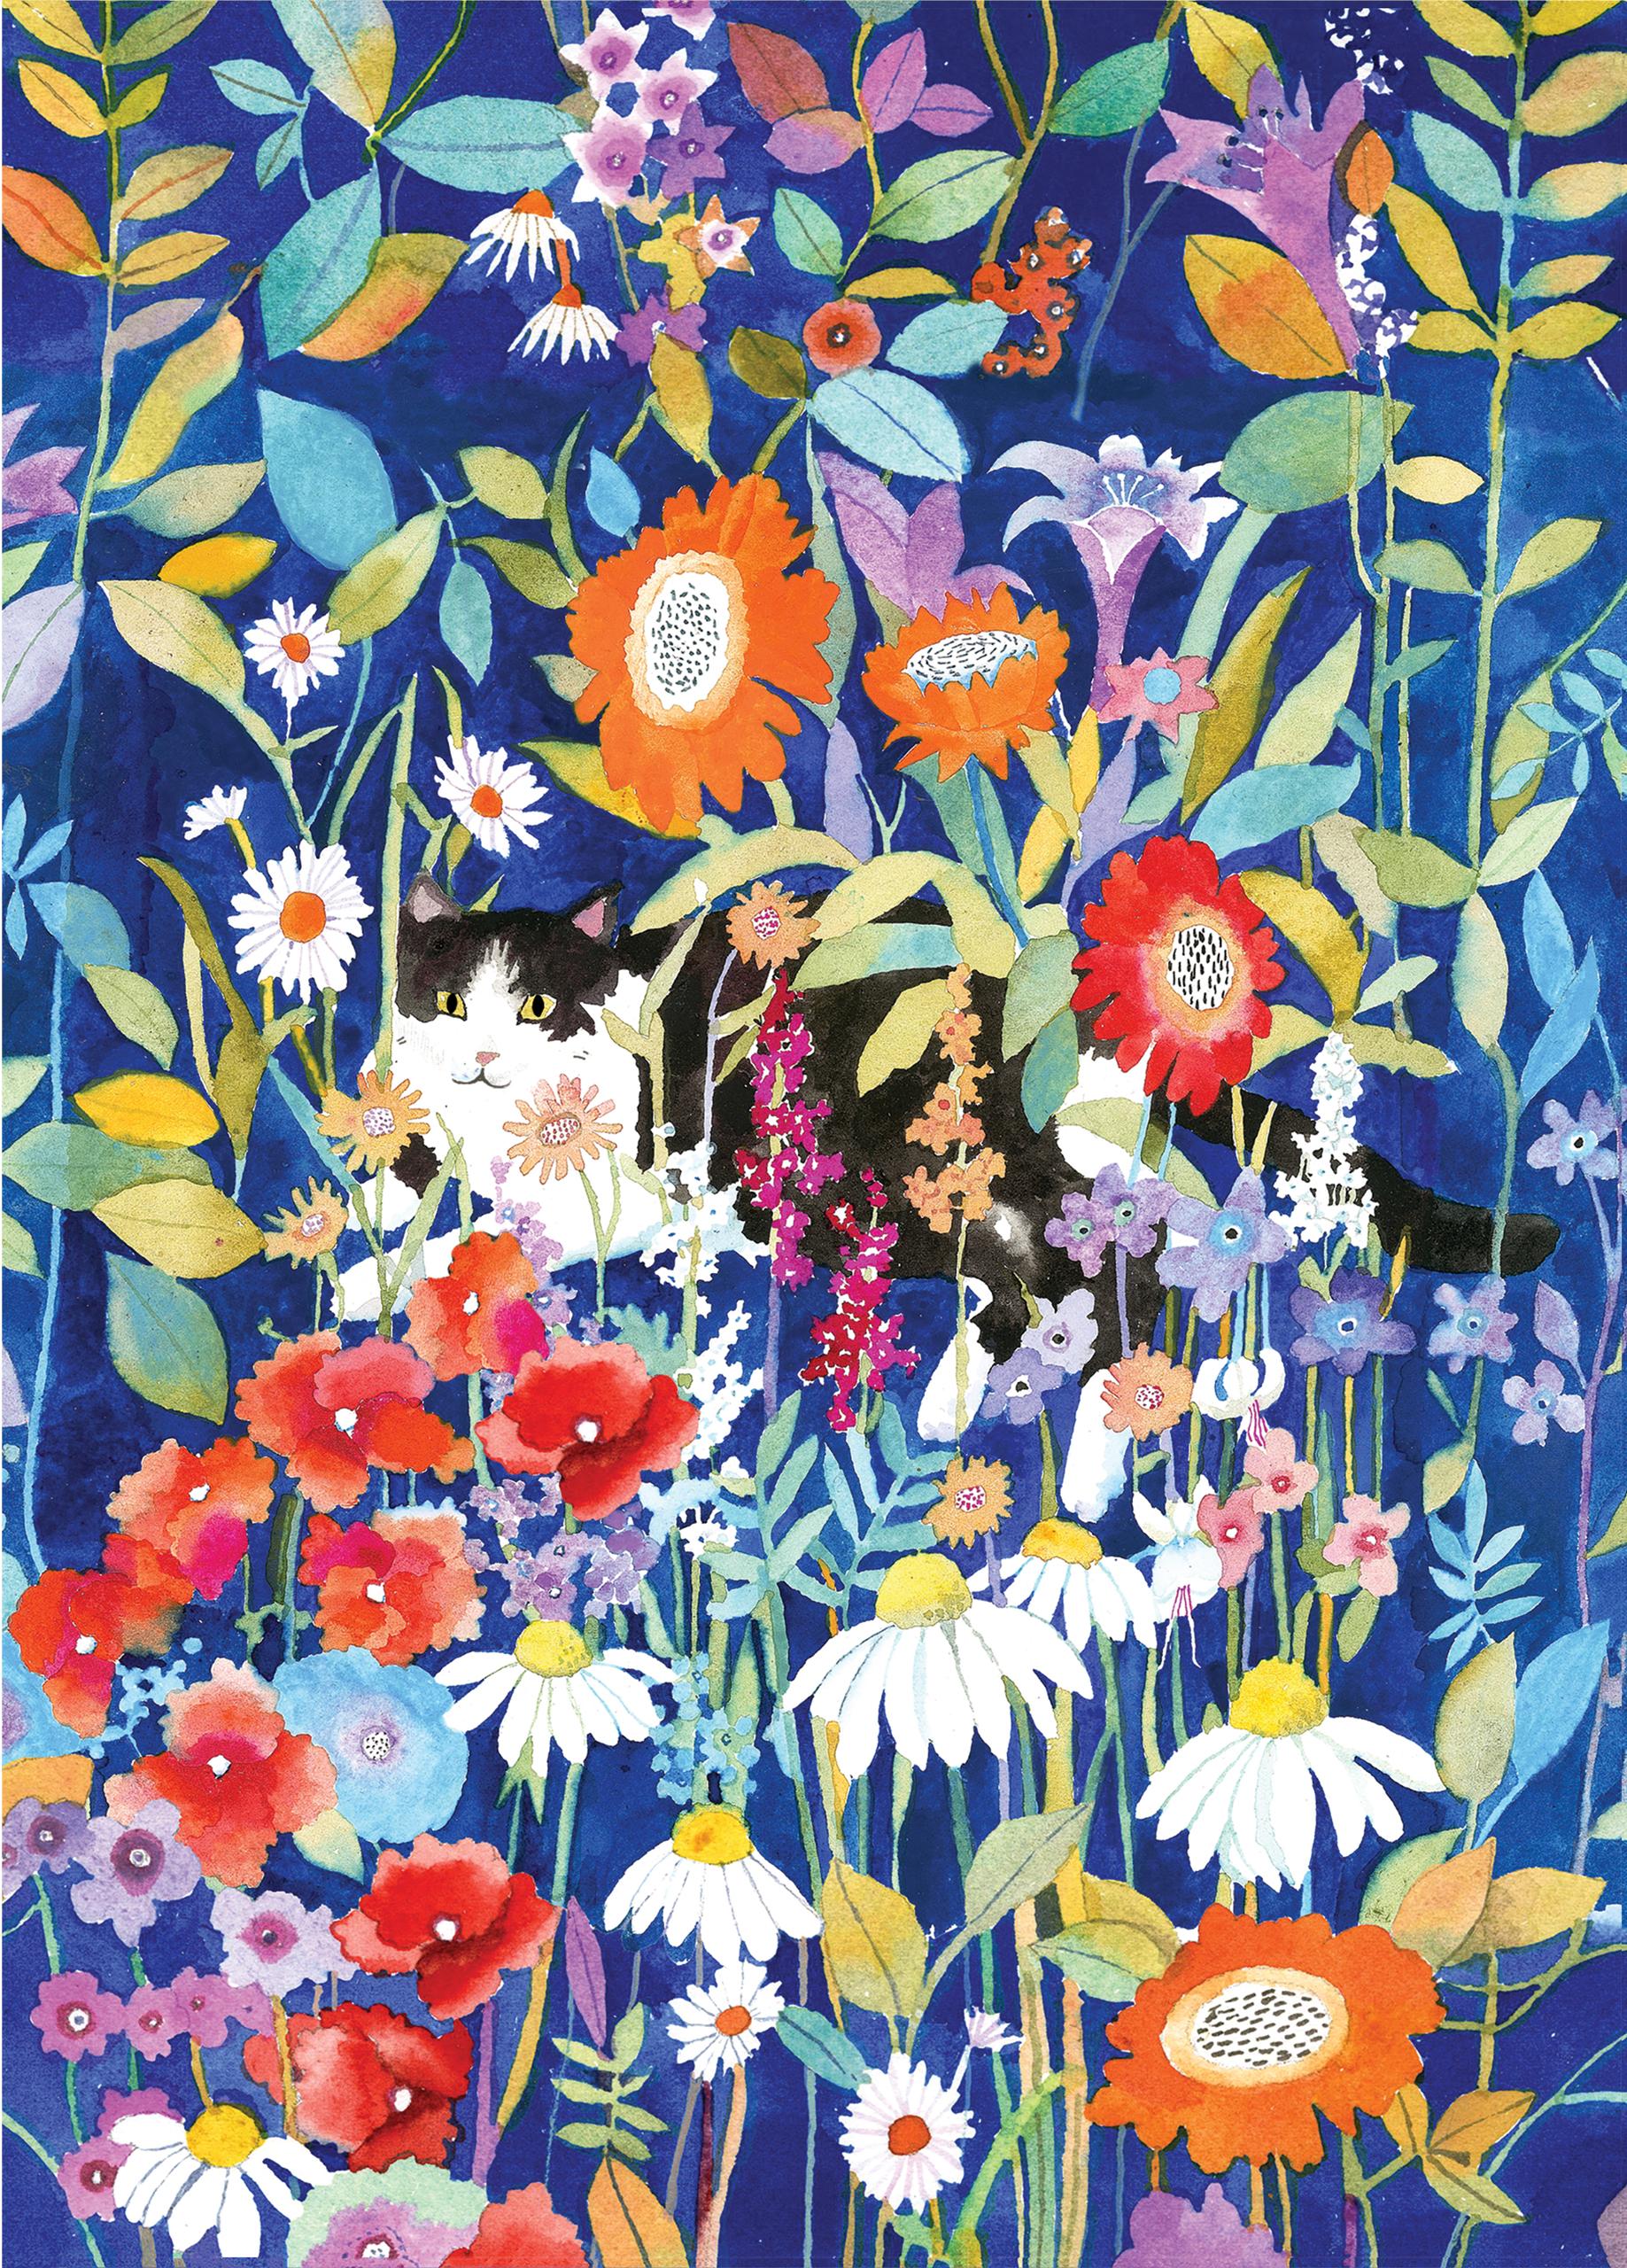 Garden Cat Cats Jigsaw Puzzle